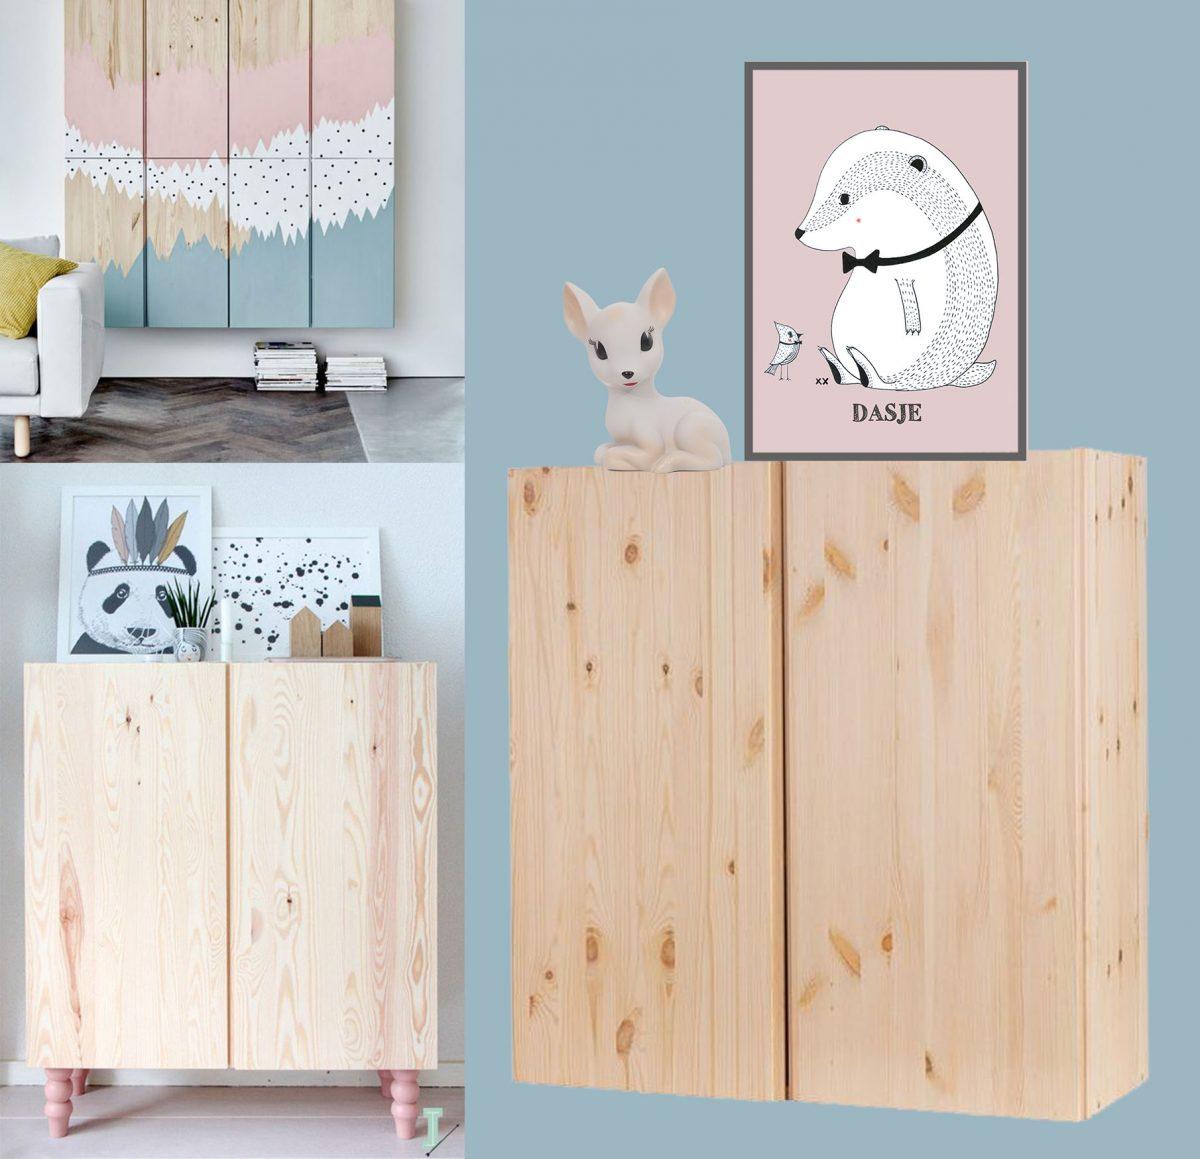 Ikea Ivar Kast Op De Kinderkamer Kinderkamervintage